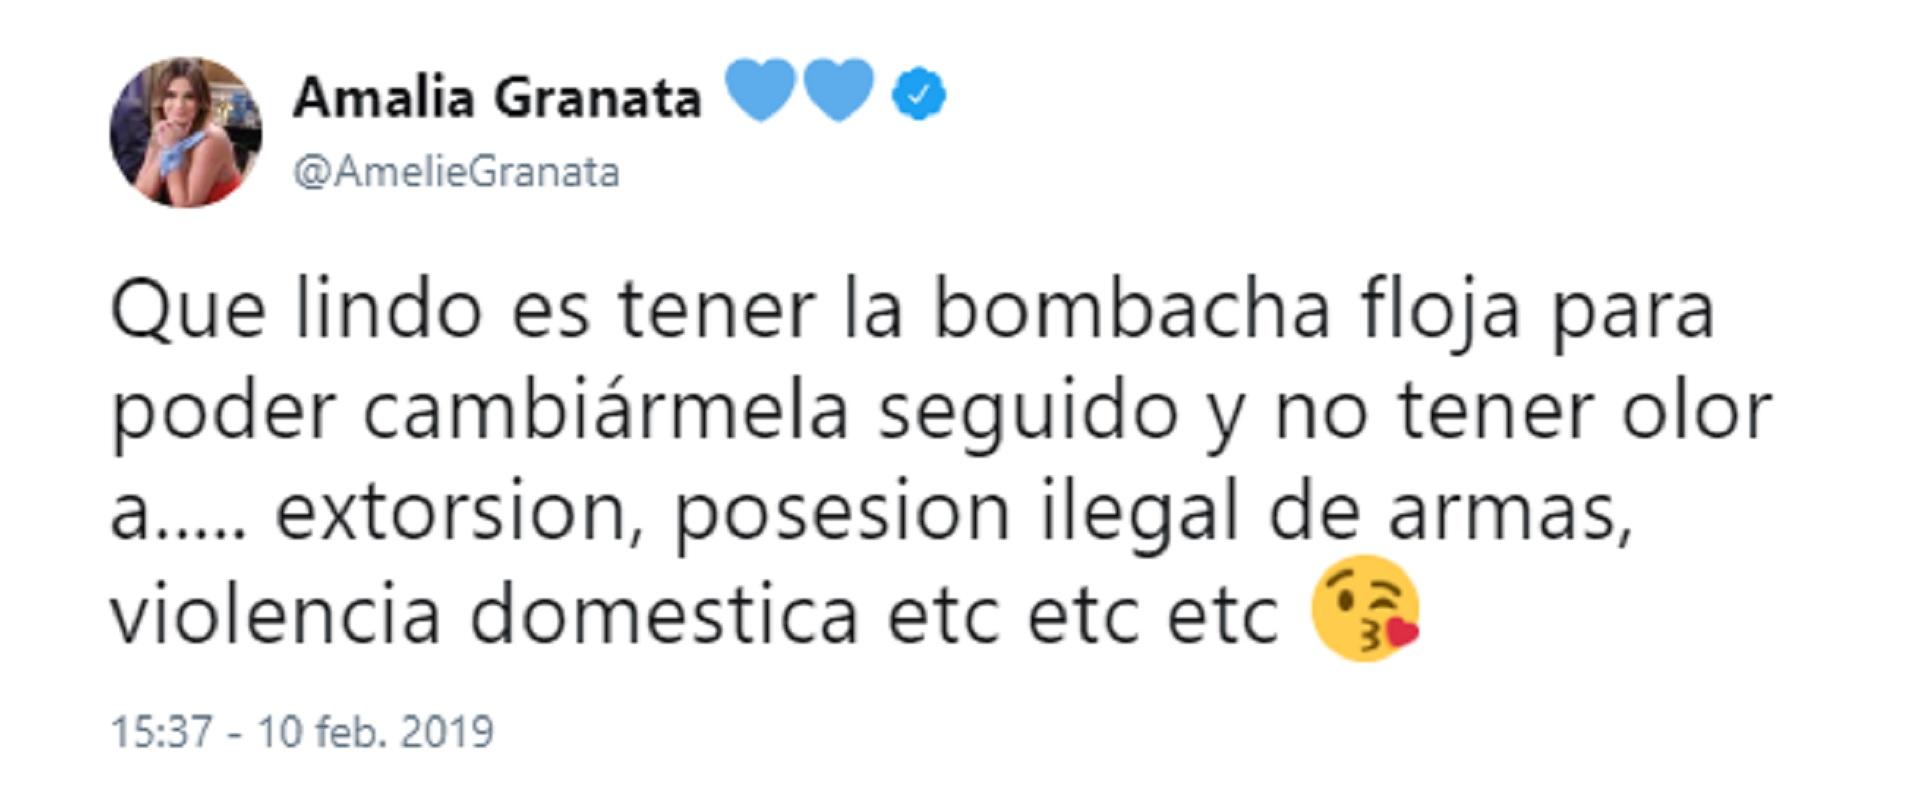 Amalia Granata le respondió al abogado de Andrea del Boca a través de su cuenta de Twitter